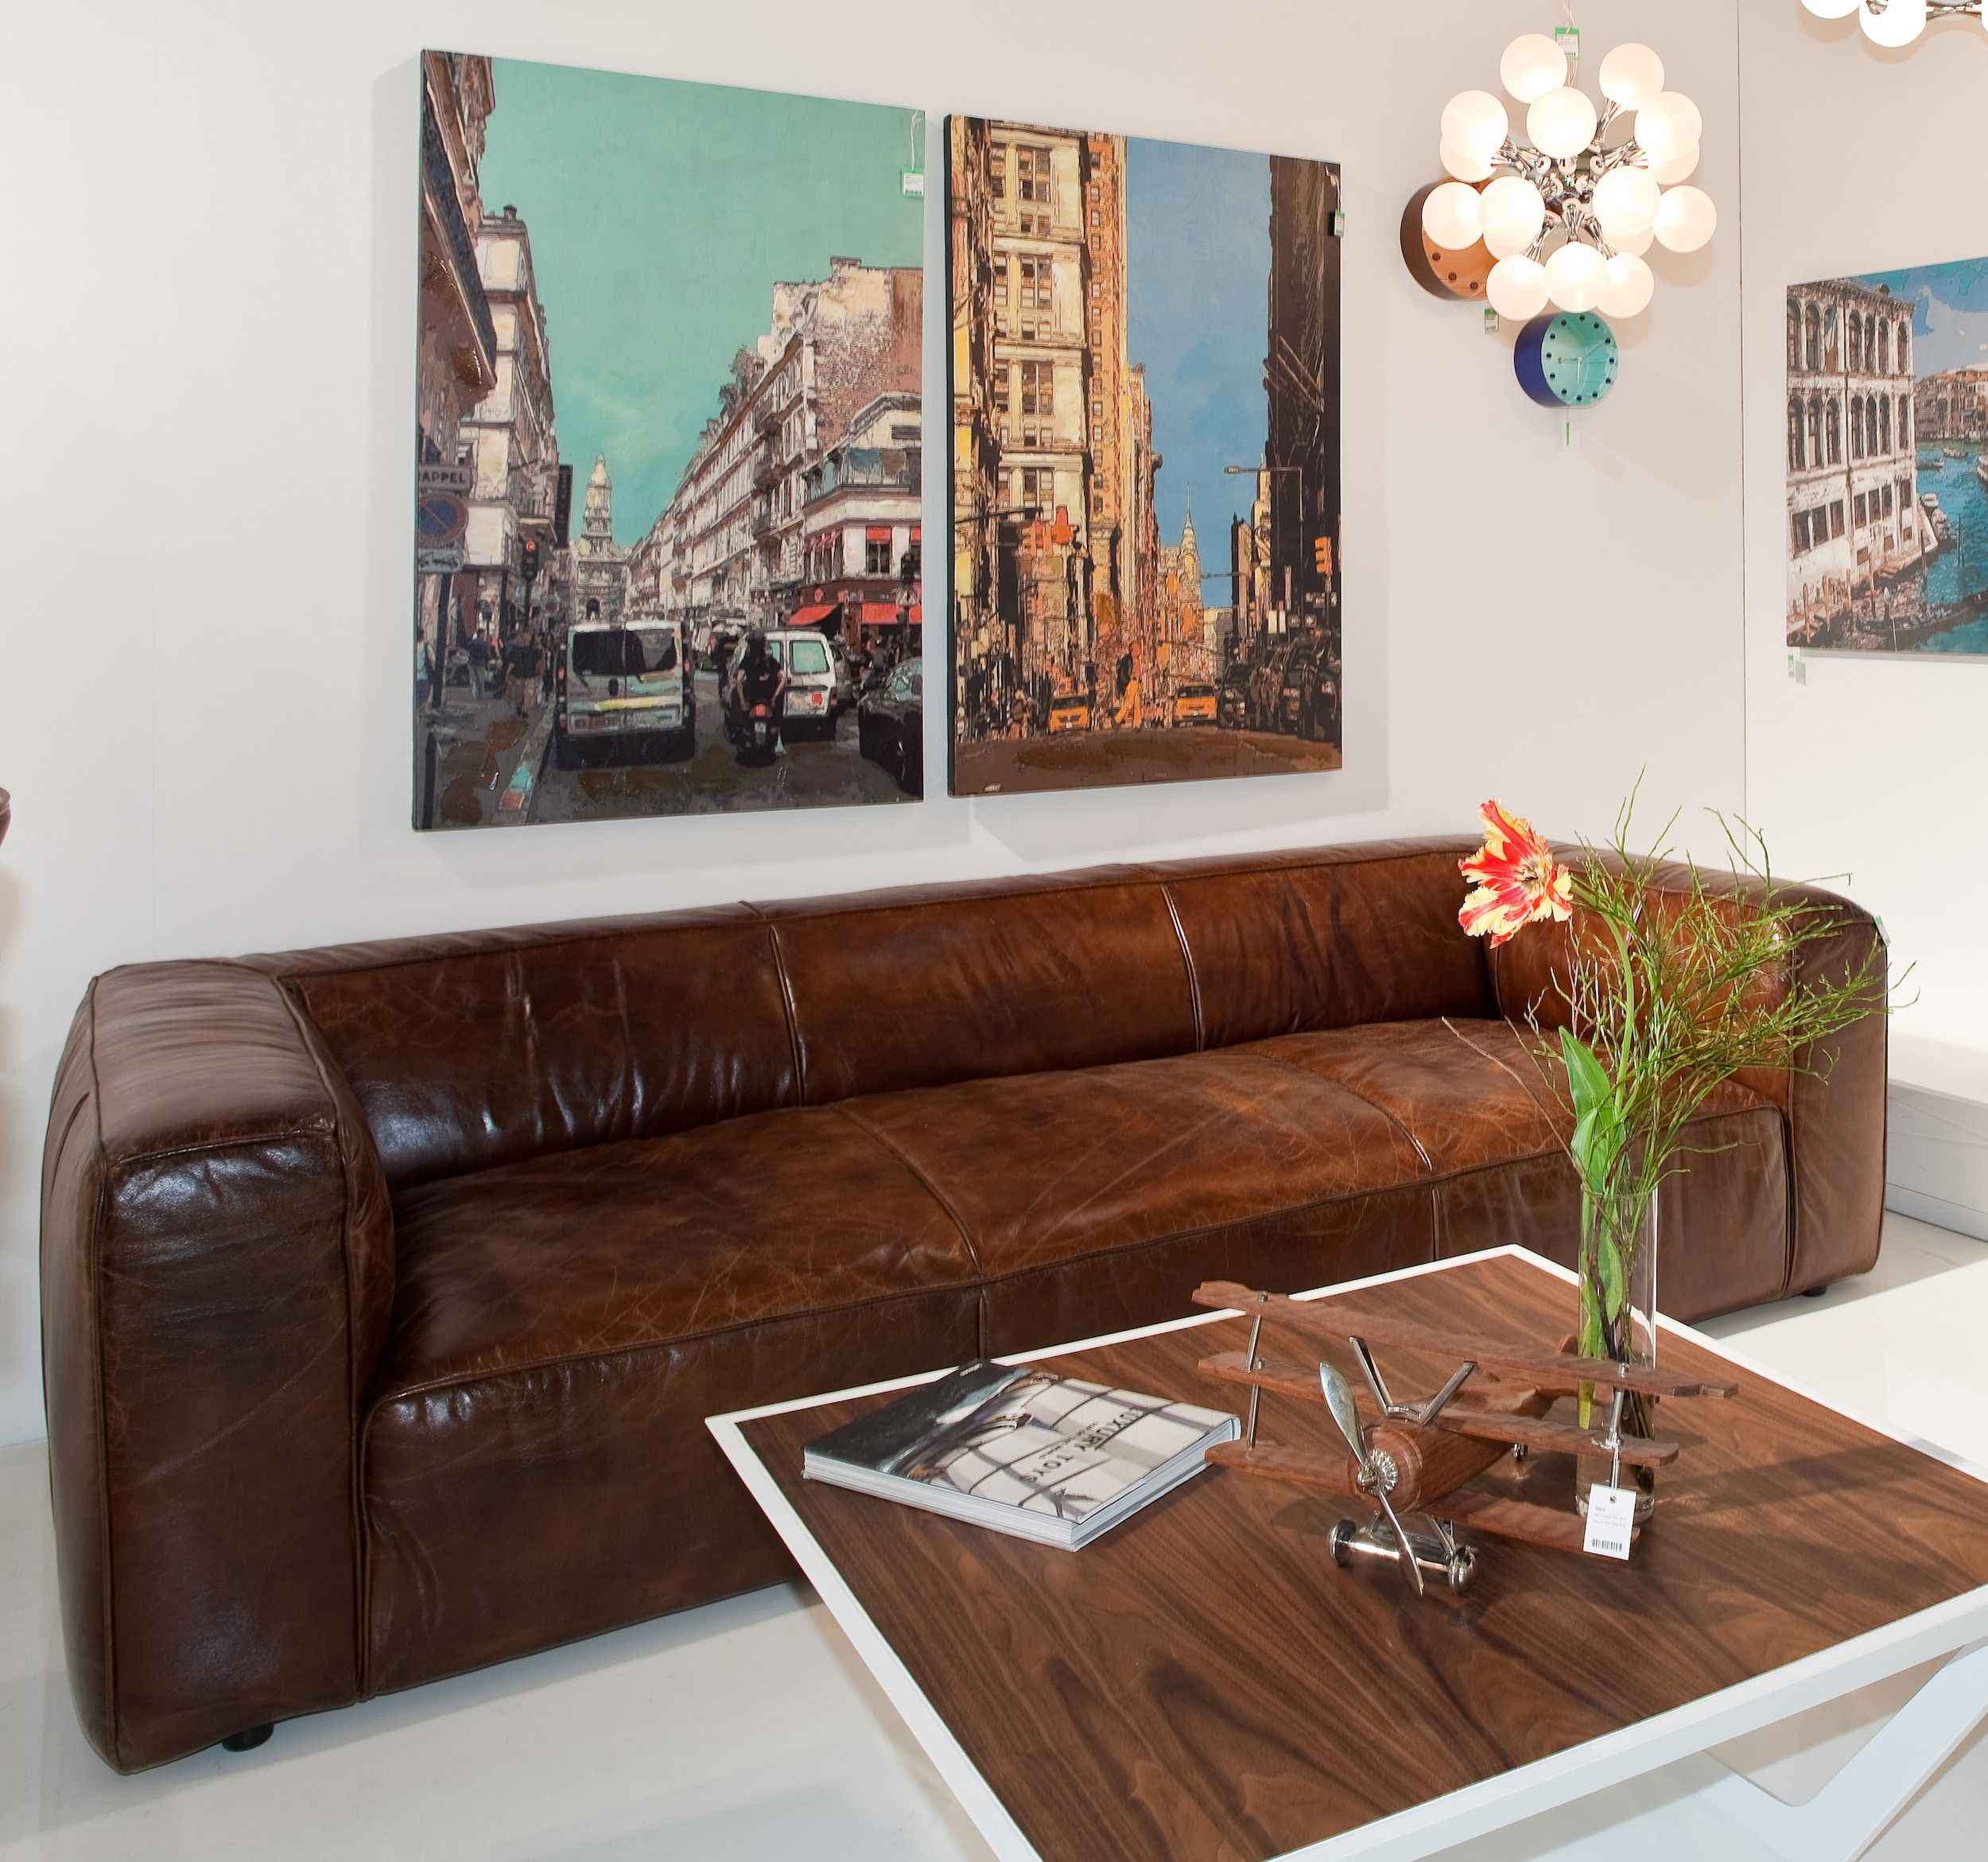 Sofa Cubetto Leder braun - 7 | wohnzimmer | Pinterest | Sofa, Braun ...